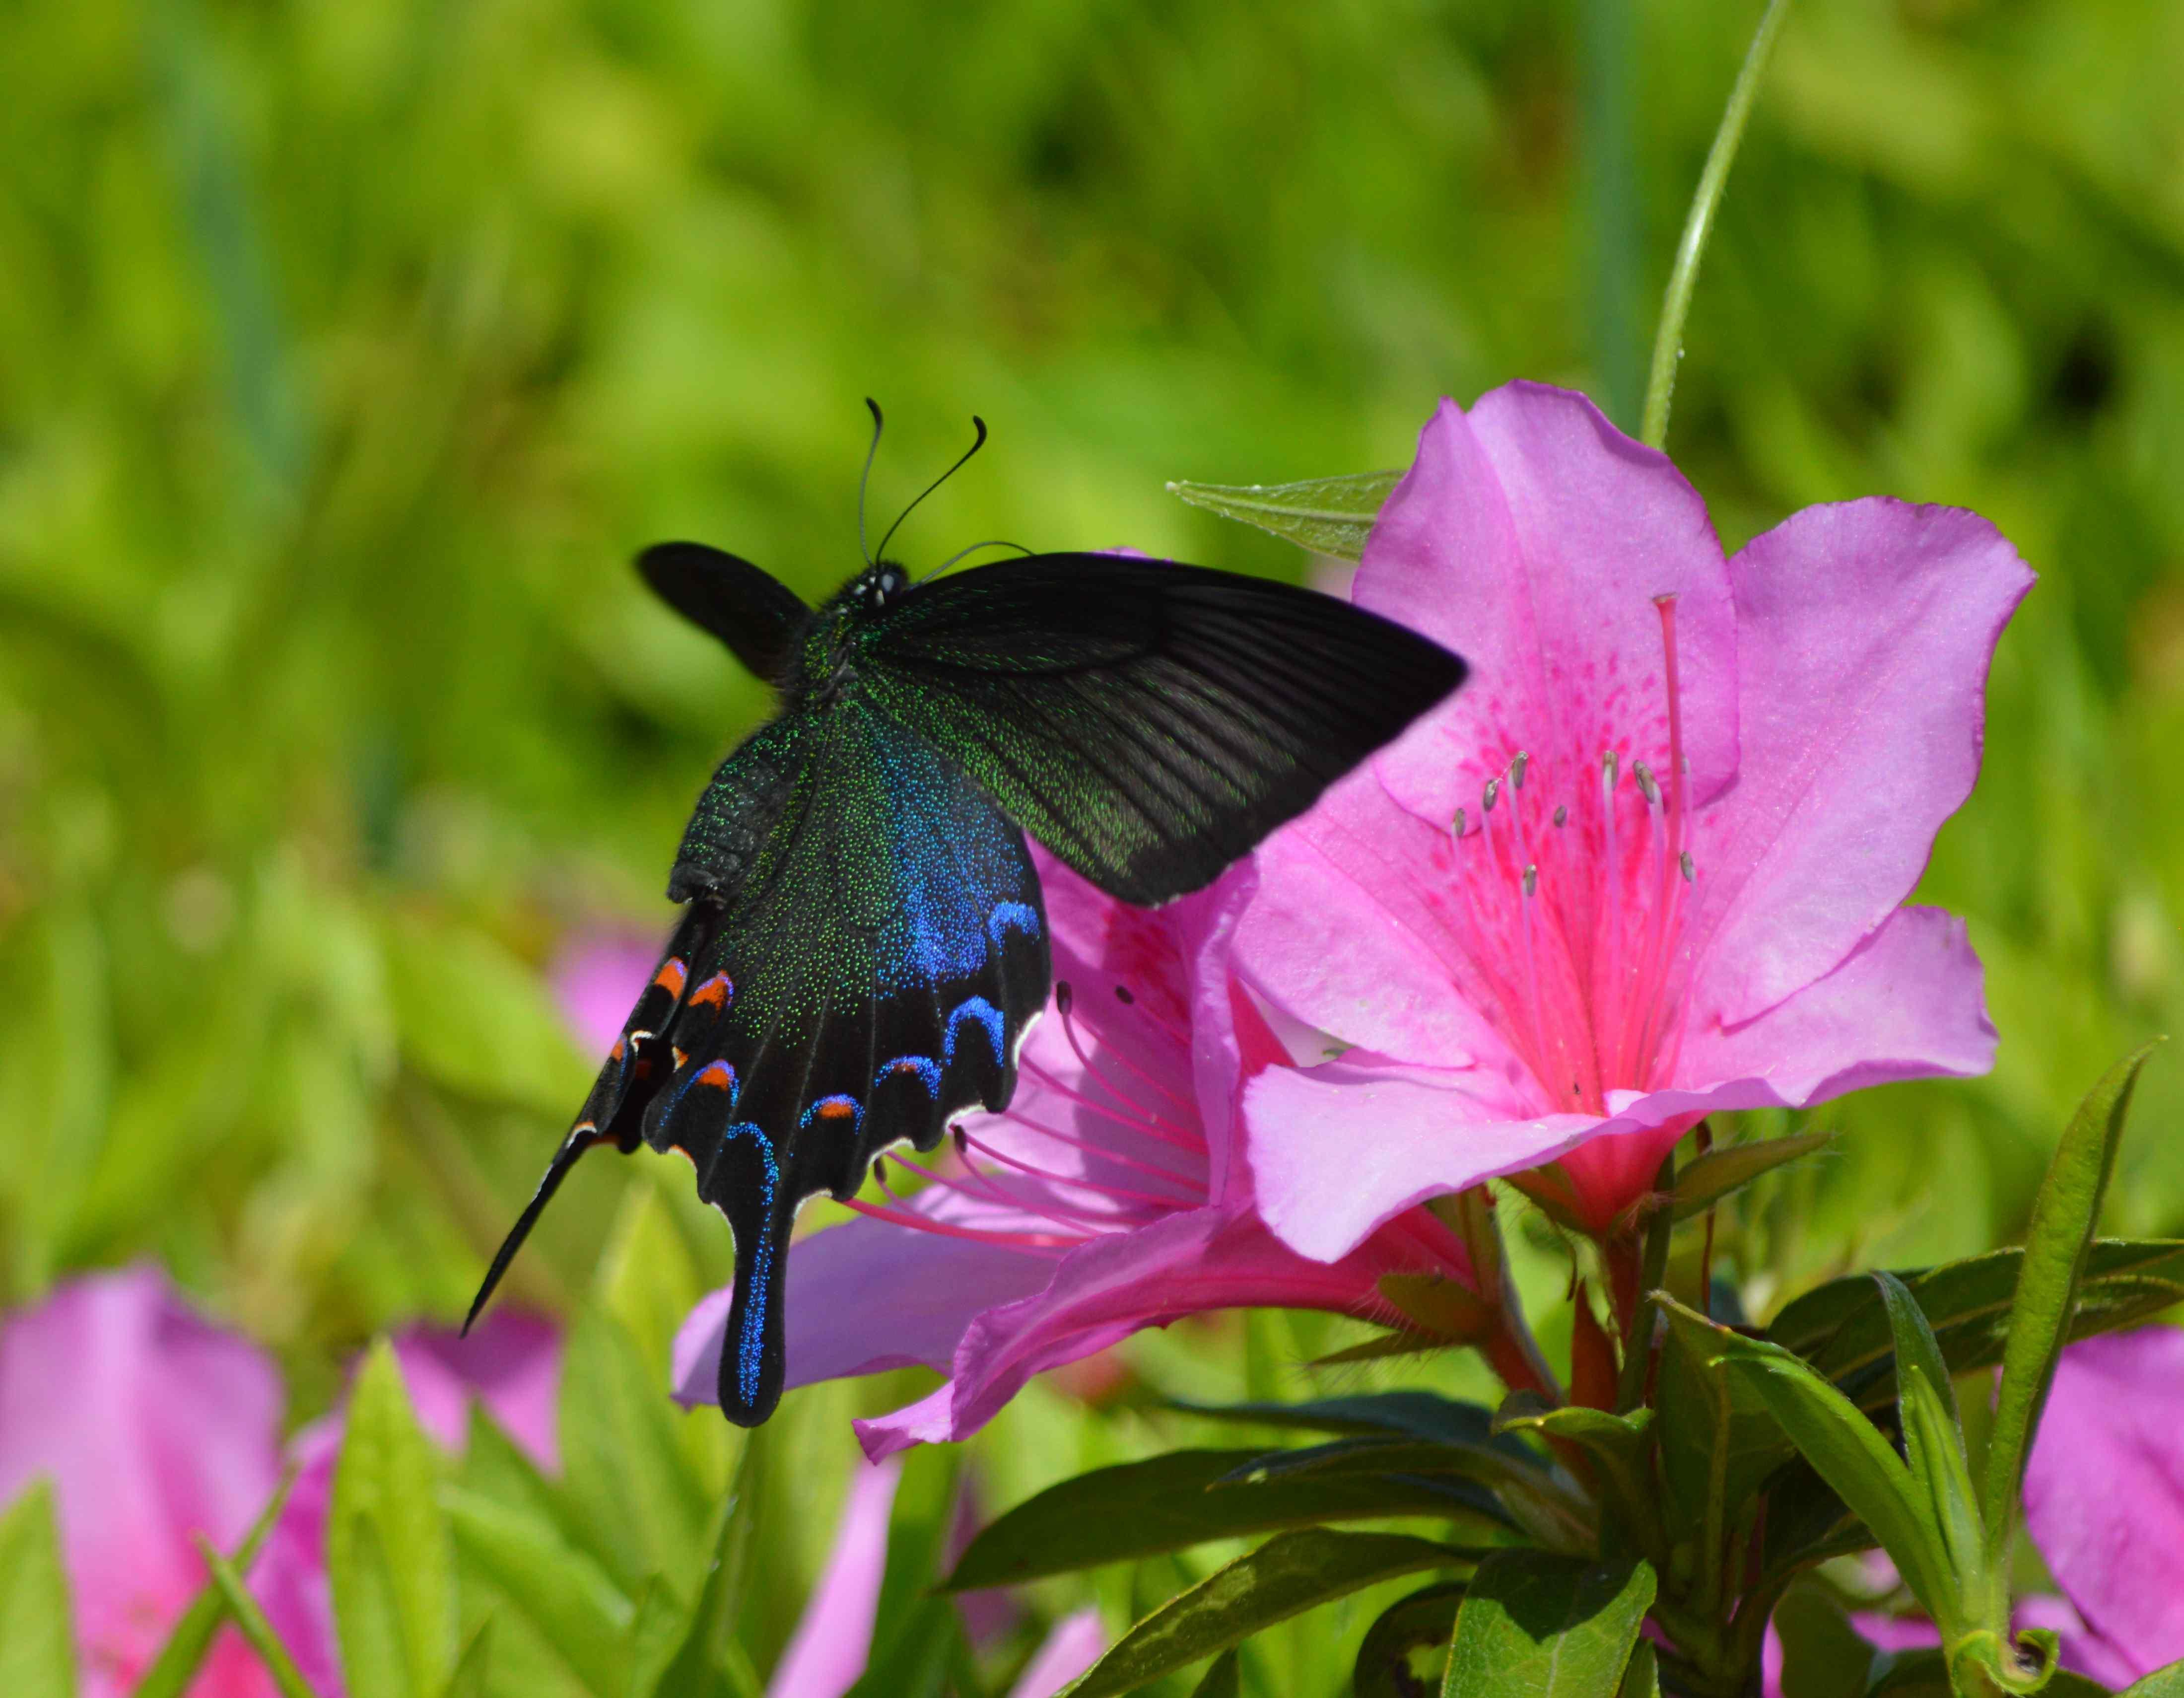 カラスアゲハ 5月2日ツツジの咲く公園にて_d0254540_15425189.jpg